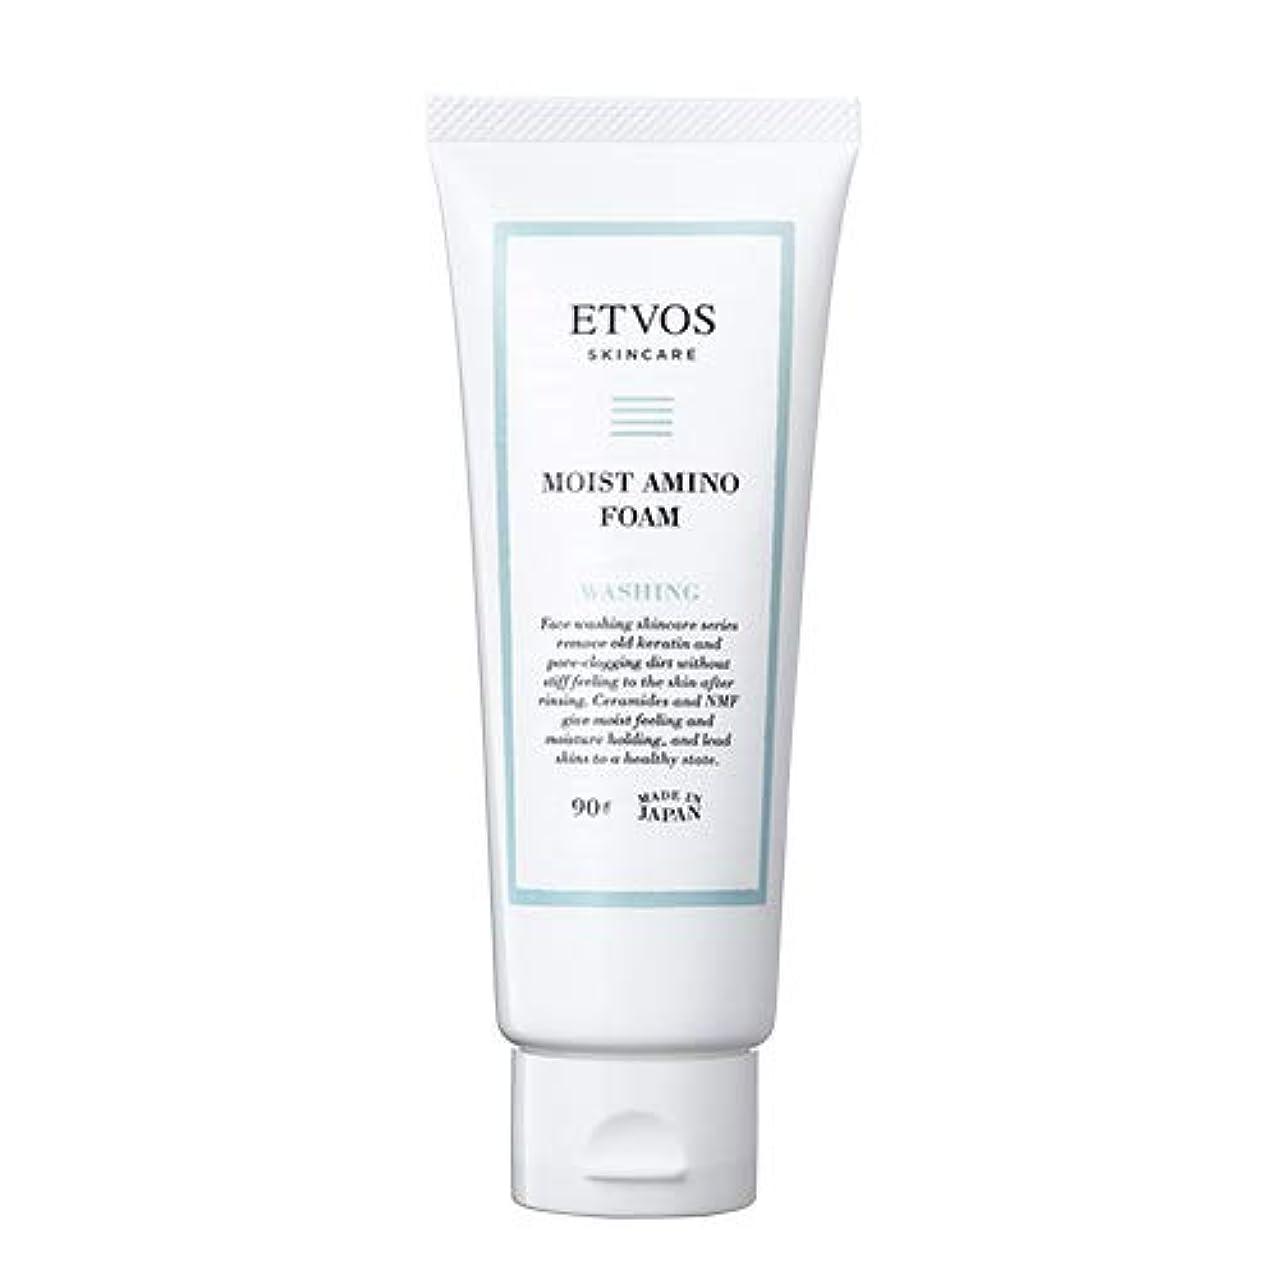 アクセル結婚した下ETVOS(エトヴォス) 洗顔フォーム モイストアミノフォーム 90g ヒト型セラミド アミノ酸系 乾燥肌/敏感肌